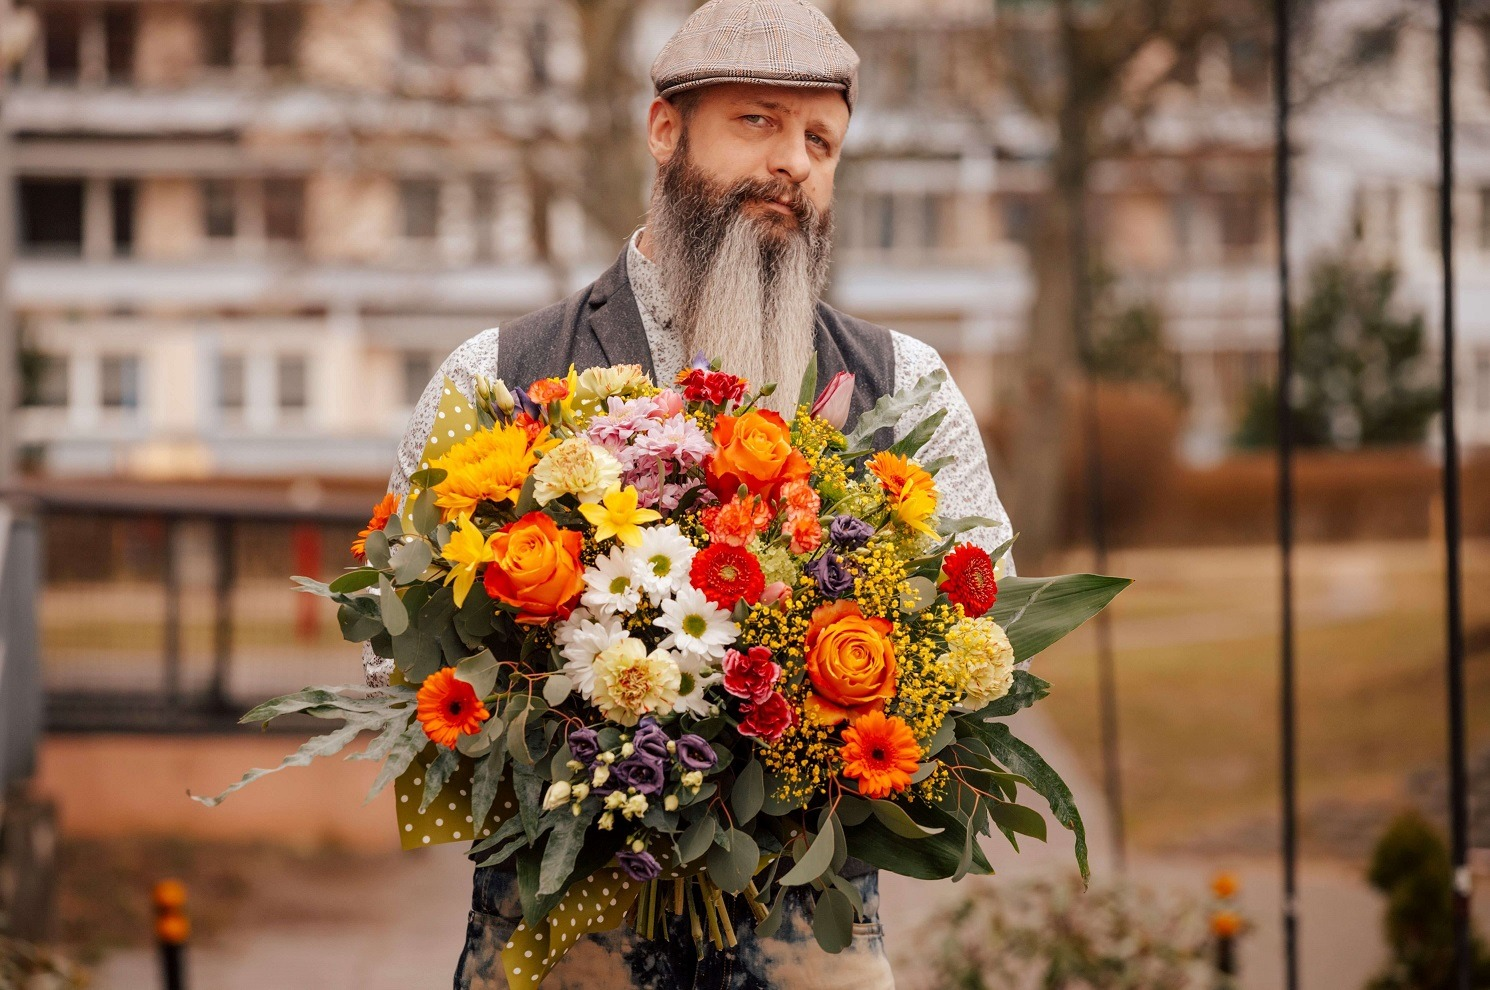 Zlocien Kwiaciarnia Gdansk - Dzień Kobiet. Gdzie kupimy piękne bukiety?